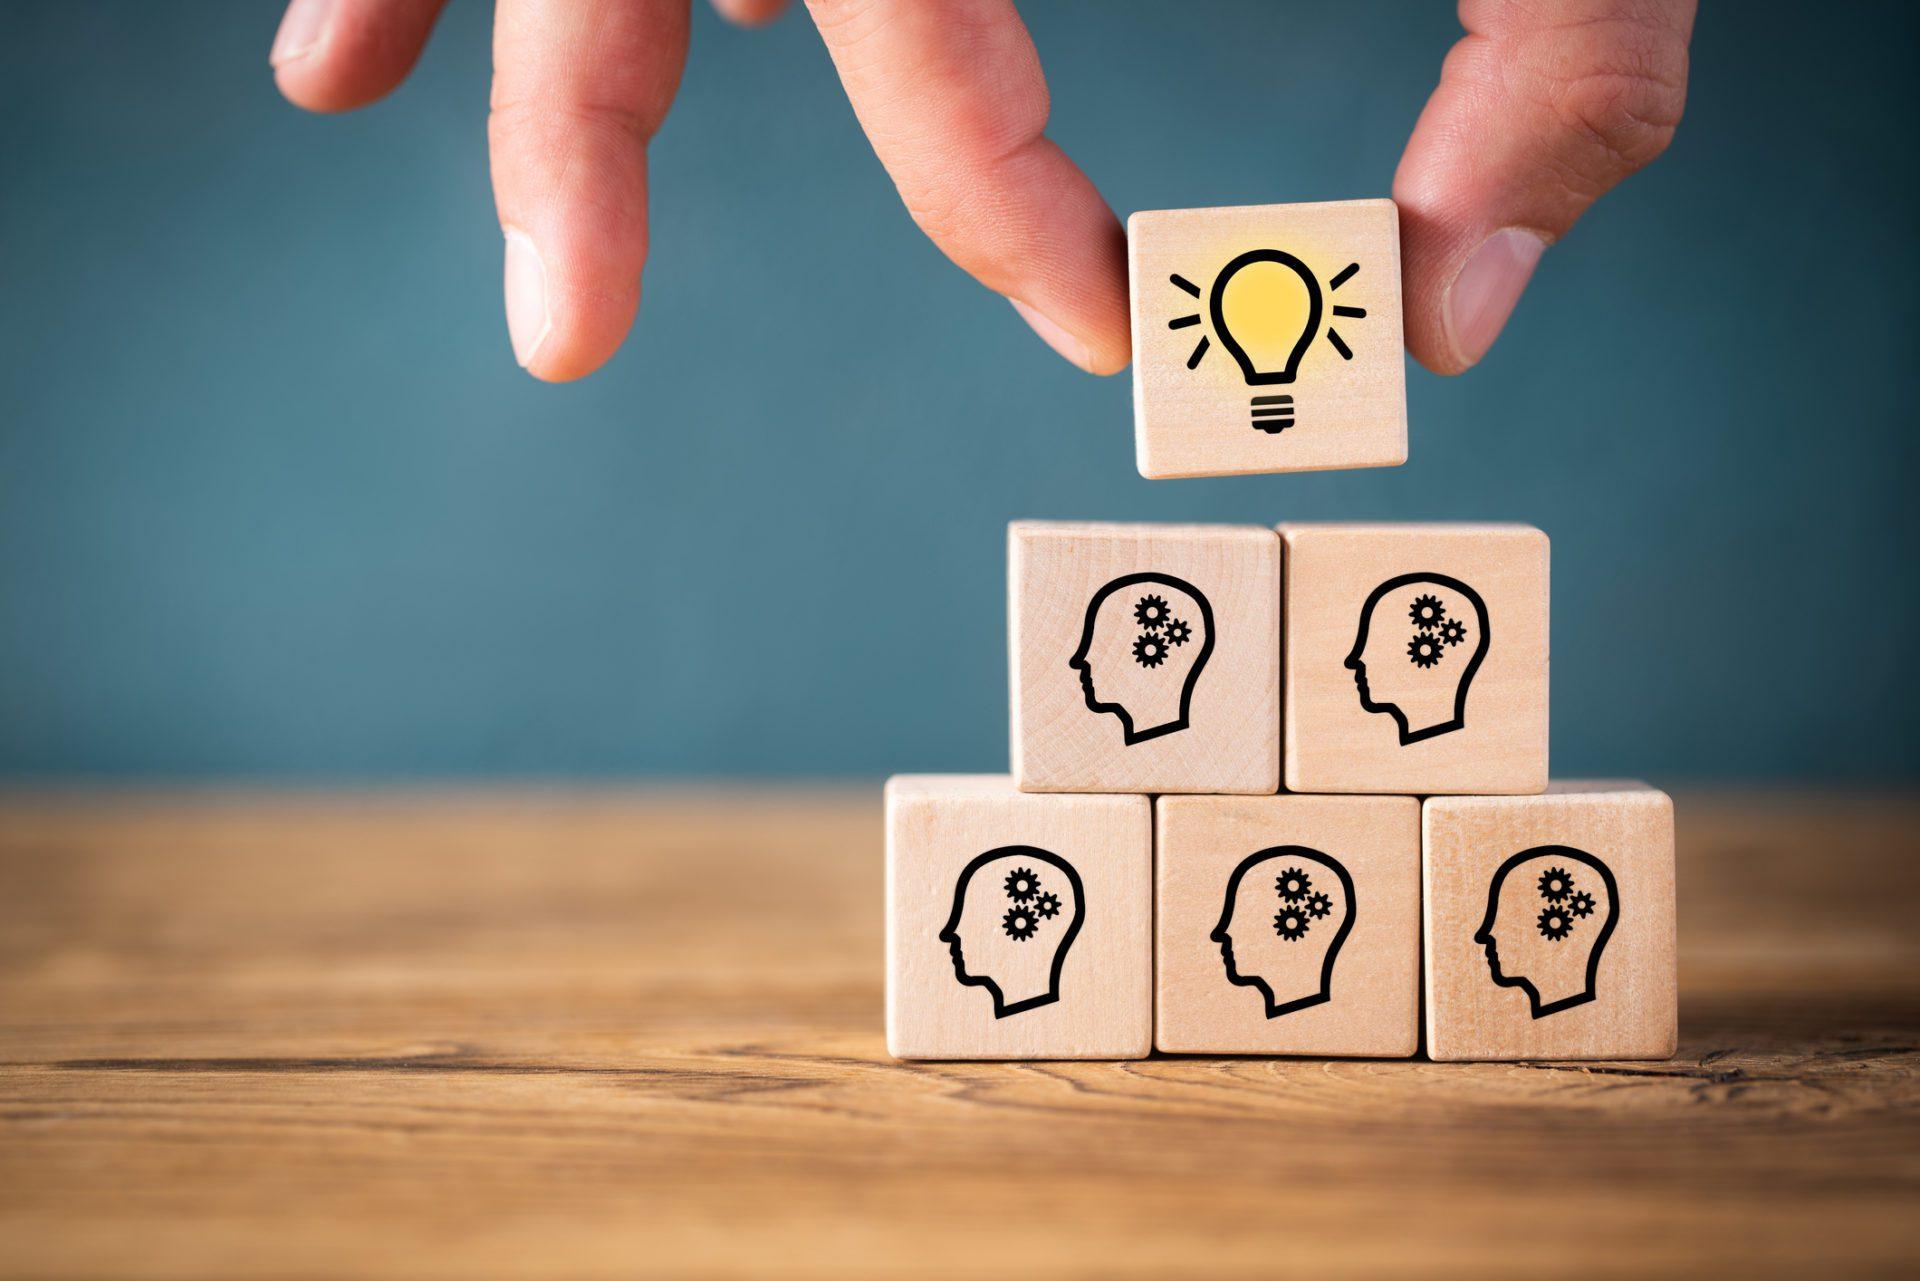 idea building blocks representing collaborative KM segment in Forrester Research report